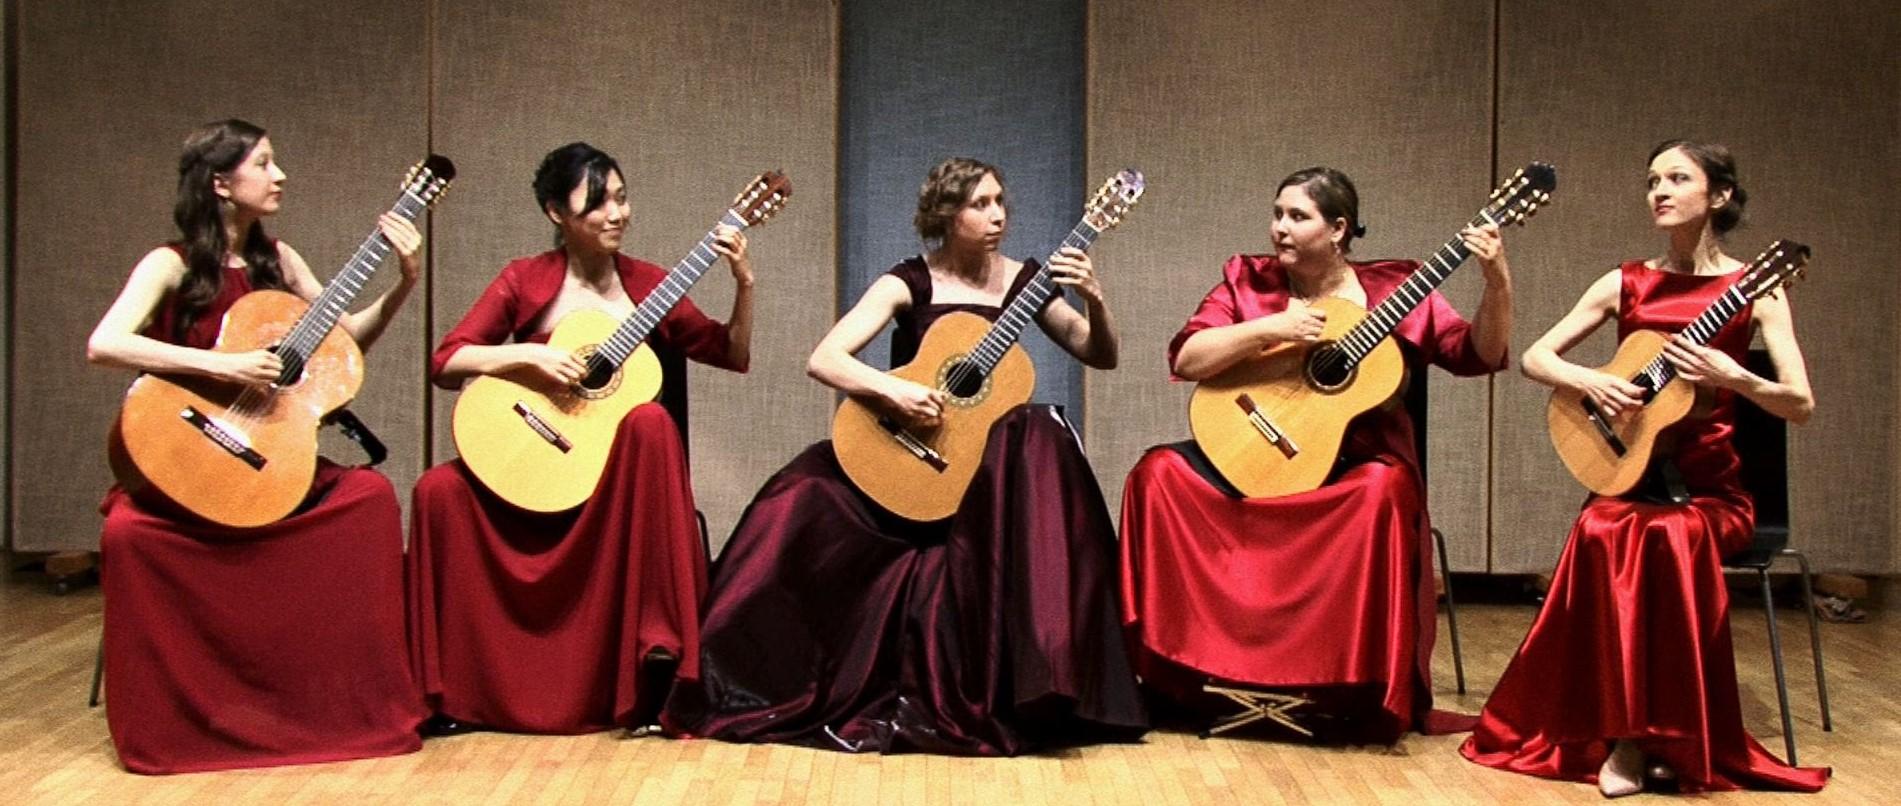 Gitarrissima Quintet of Vienna